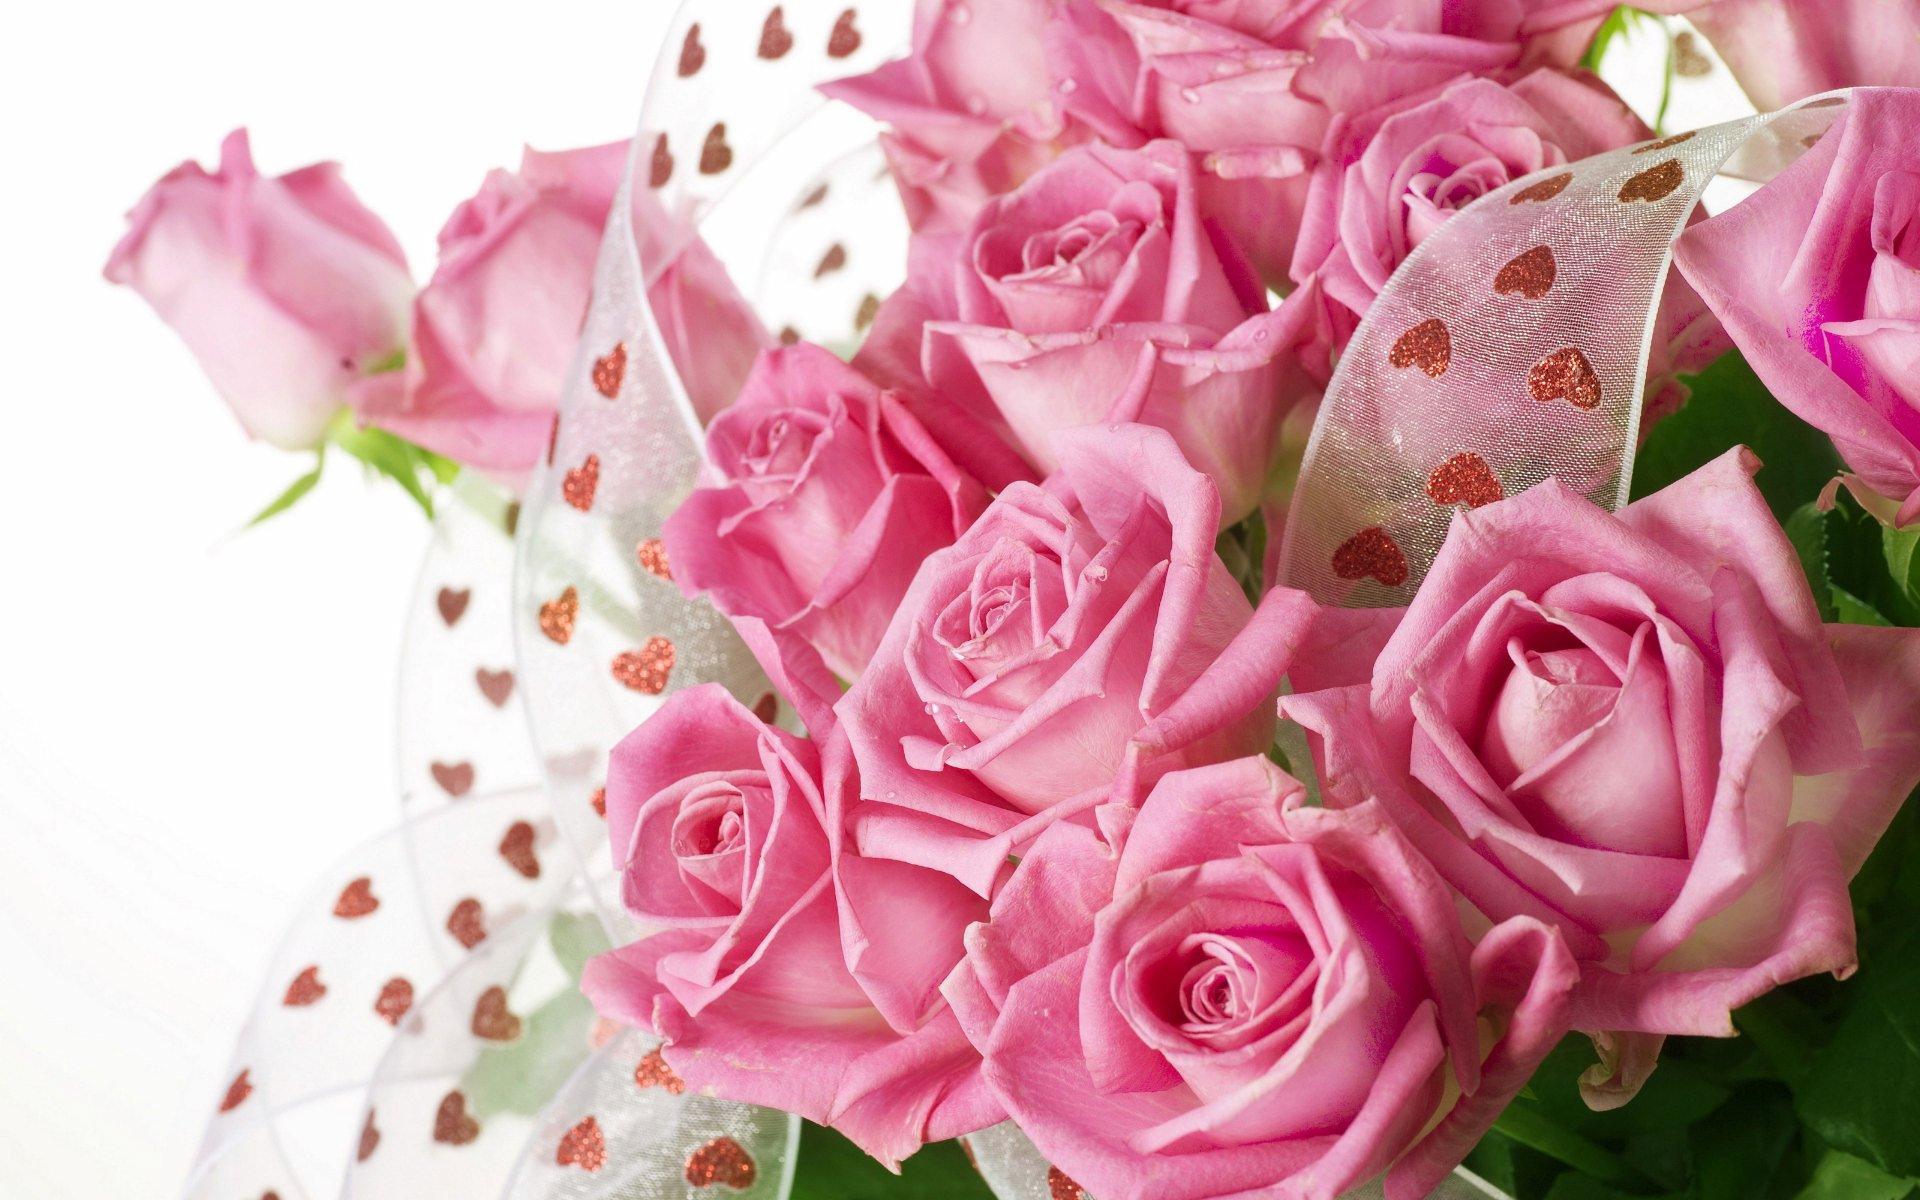 Roses flower Roses photos roses wallpaper for your desktop